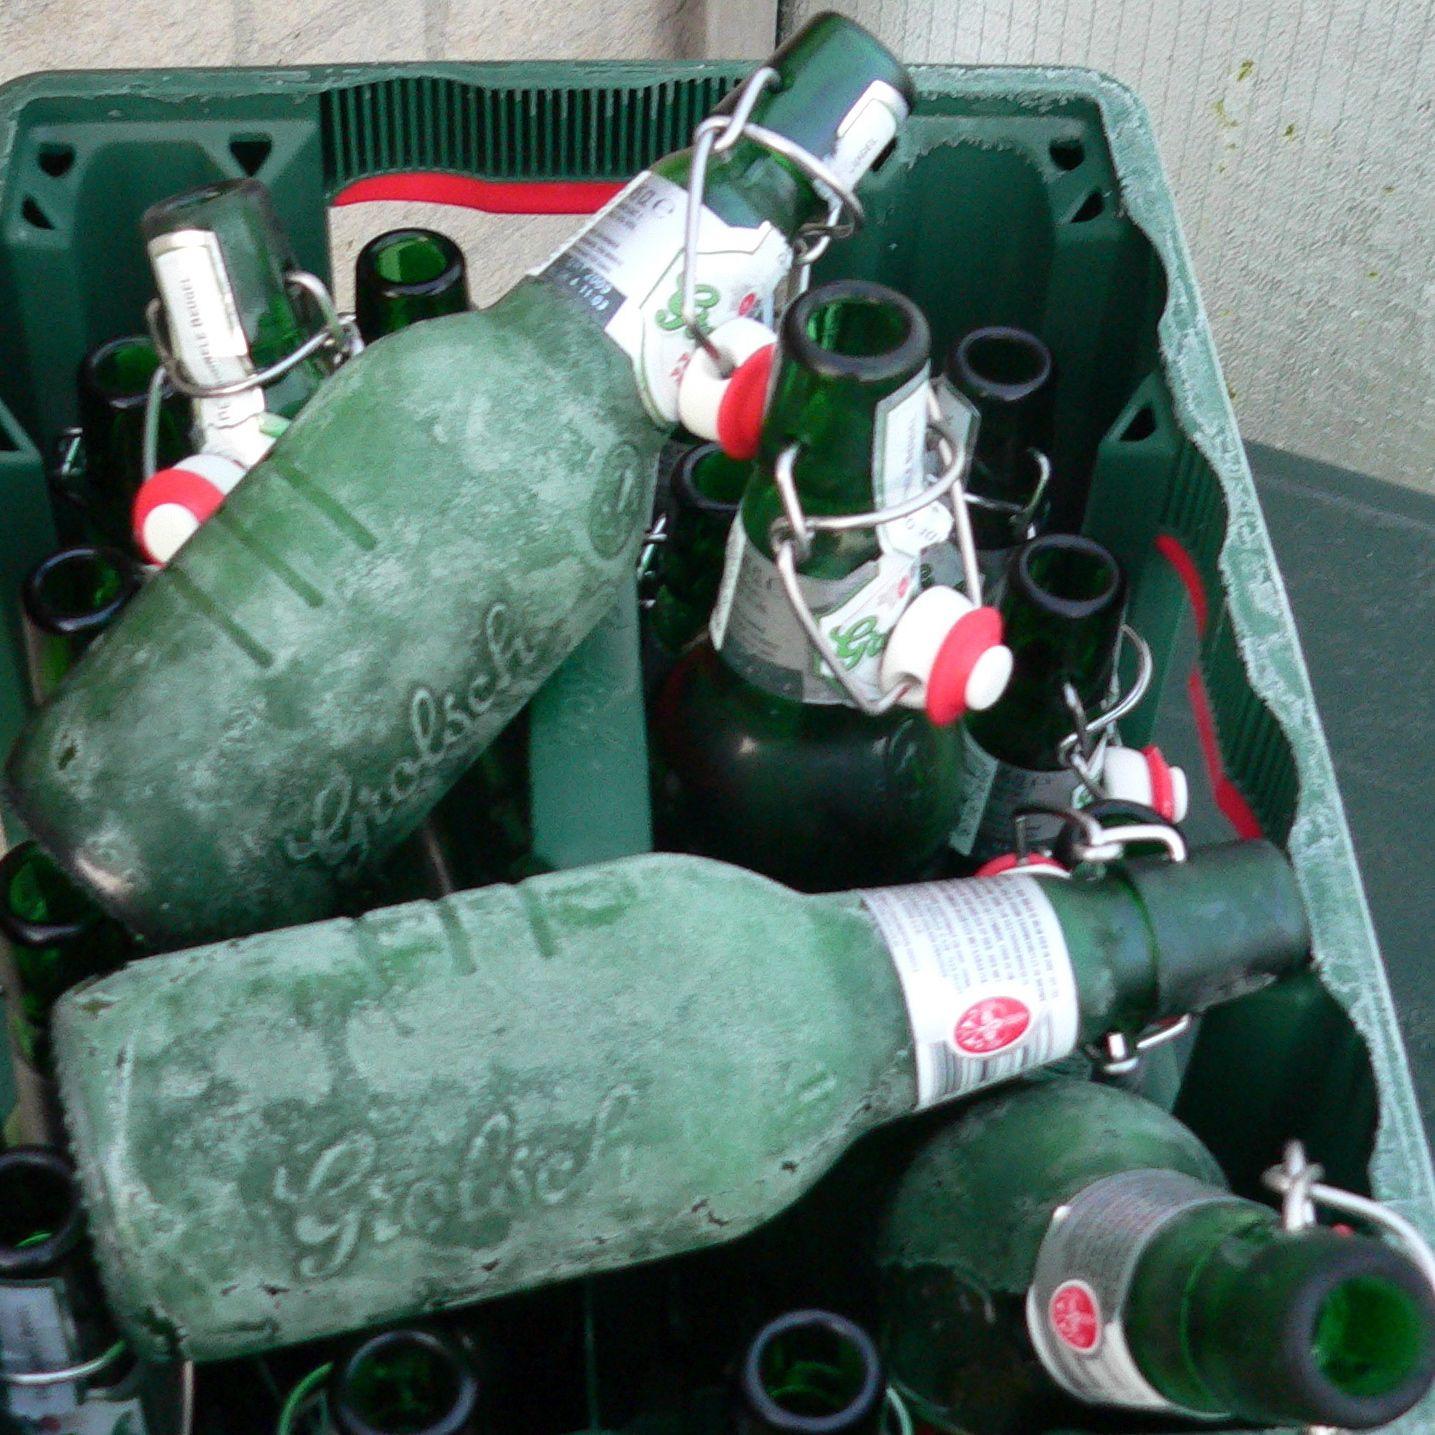 Pfandringe um die Mülltonnen – Pfand gehört daneben